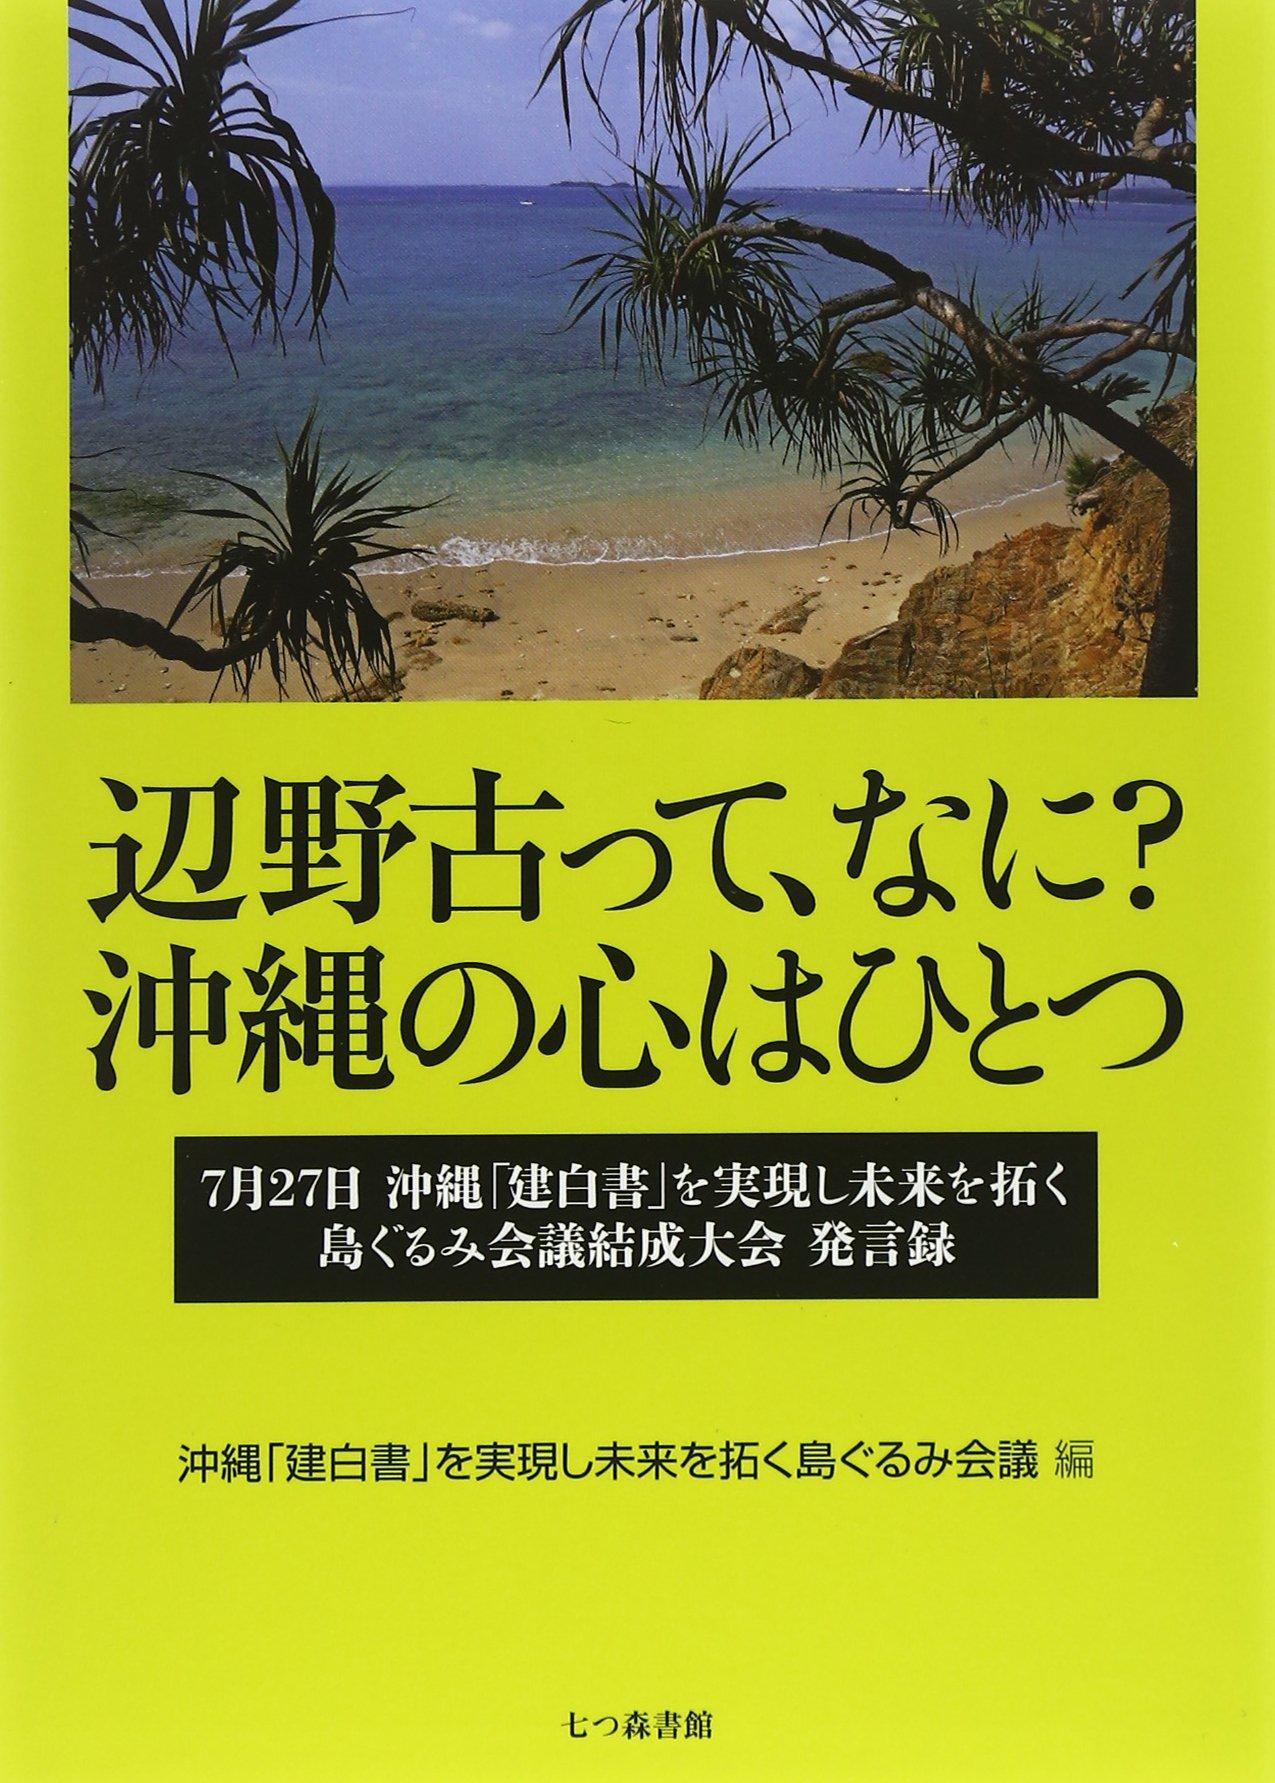 Download Henoko tte nani okinawa no kokoro wa hitotsu : shichigatsu nijūshichinichi okinawa kenpakusho o jitsugen shi mirai o hiraku shimagurumi kaigi kessei taikai hatsugenroku pdf epub